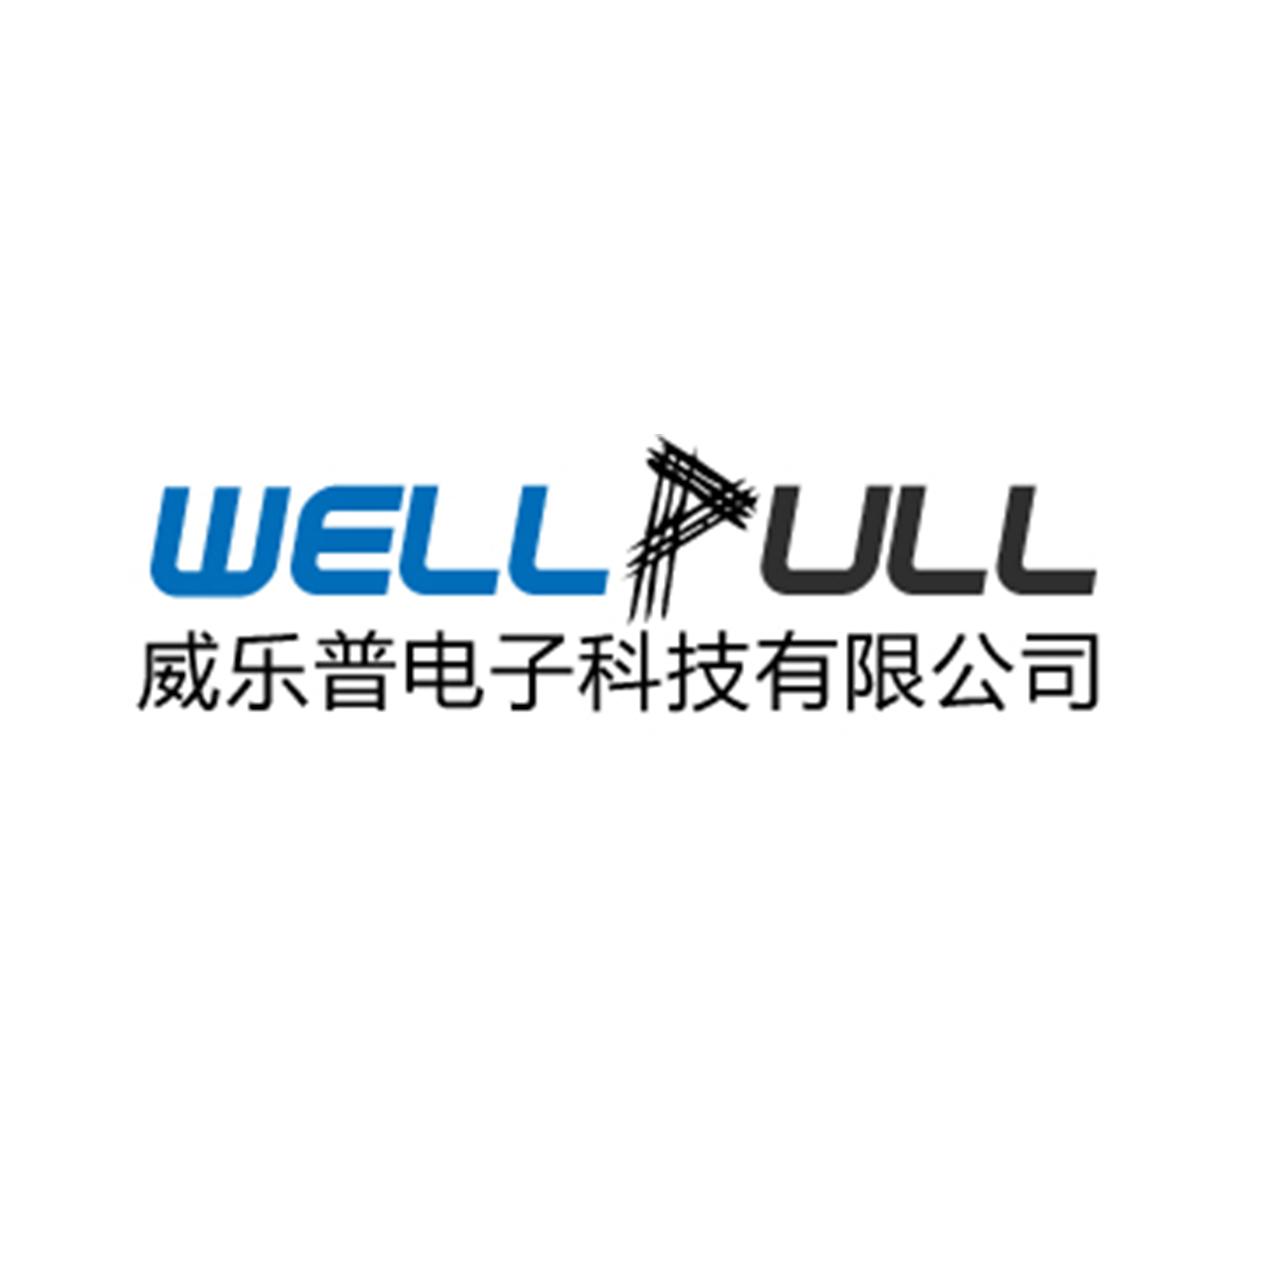 深圳市威樂普電子科技有限公司